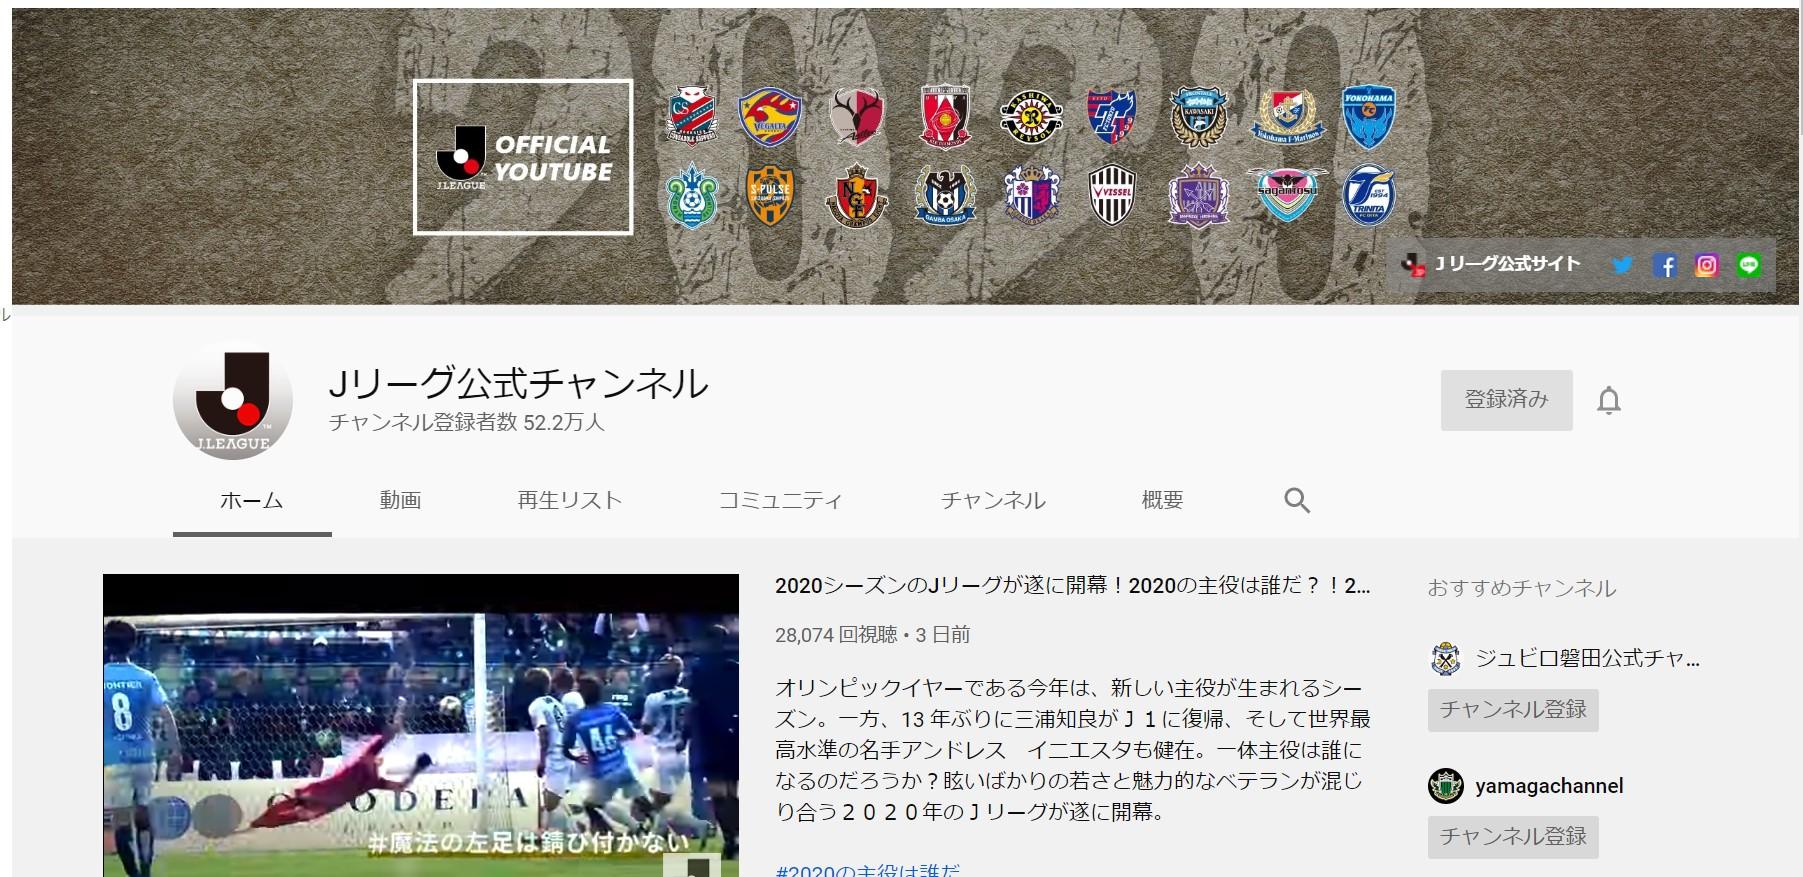 Jリーグ公式YouTube